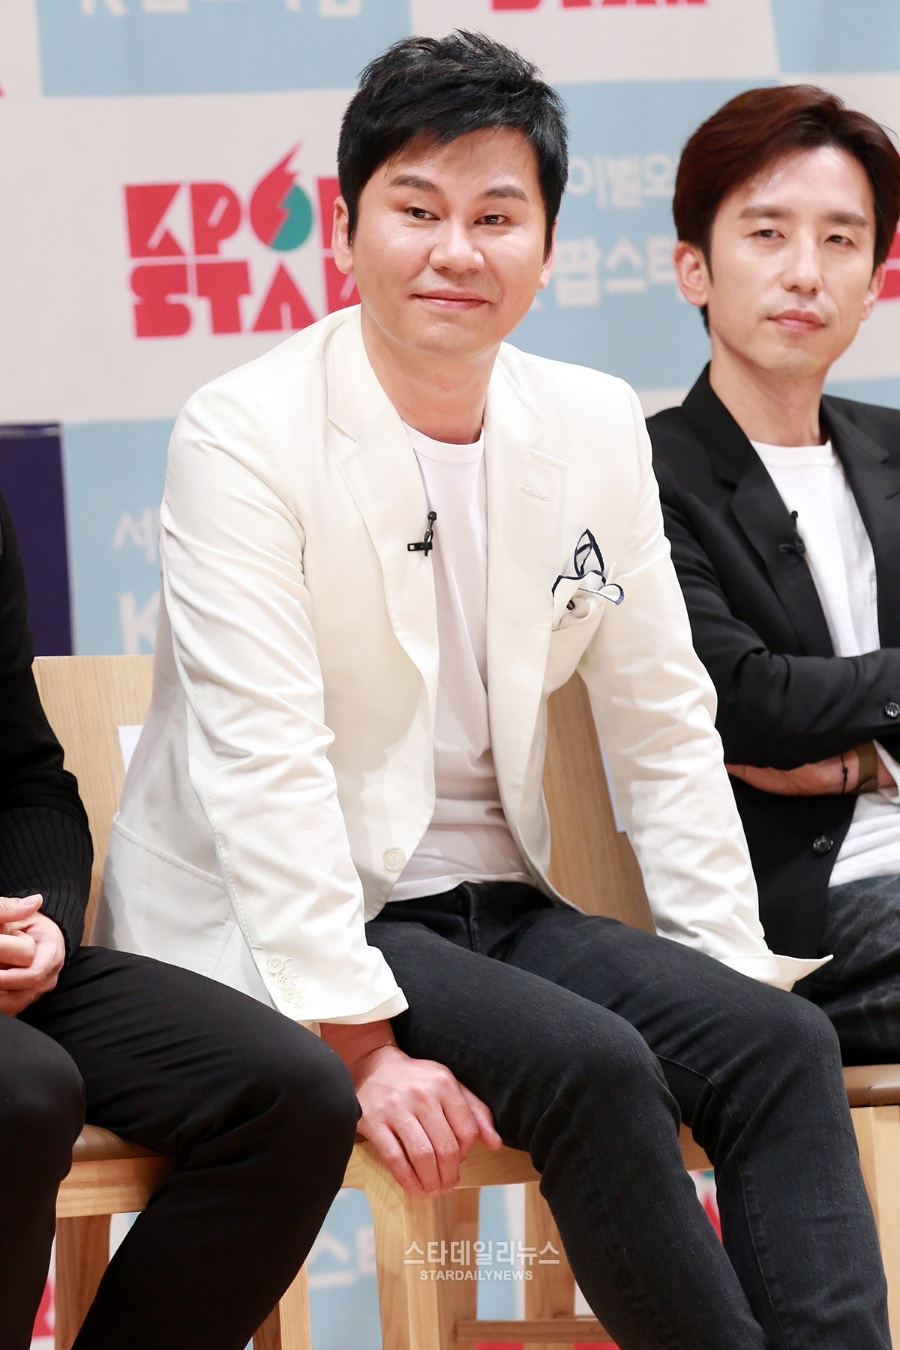 YG Entertainments Yang Hyun Suk Promises Announcement About Sechs Kies